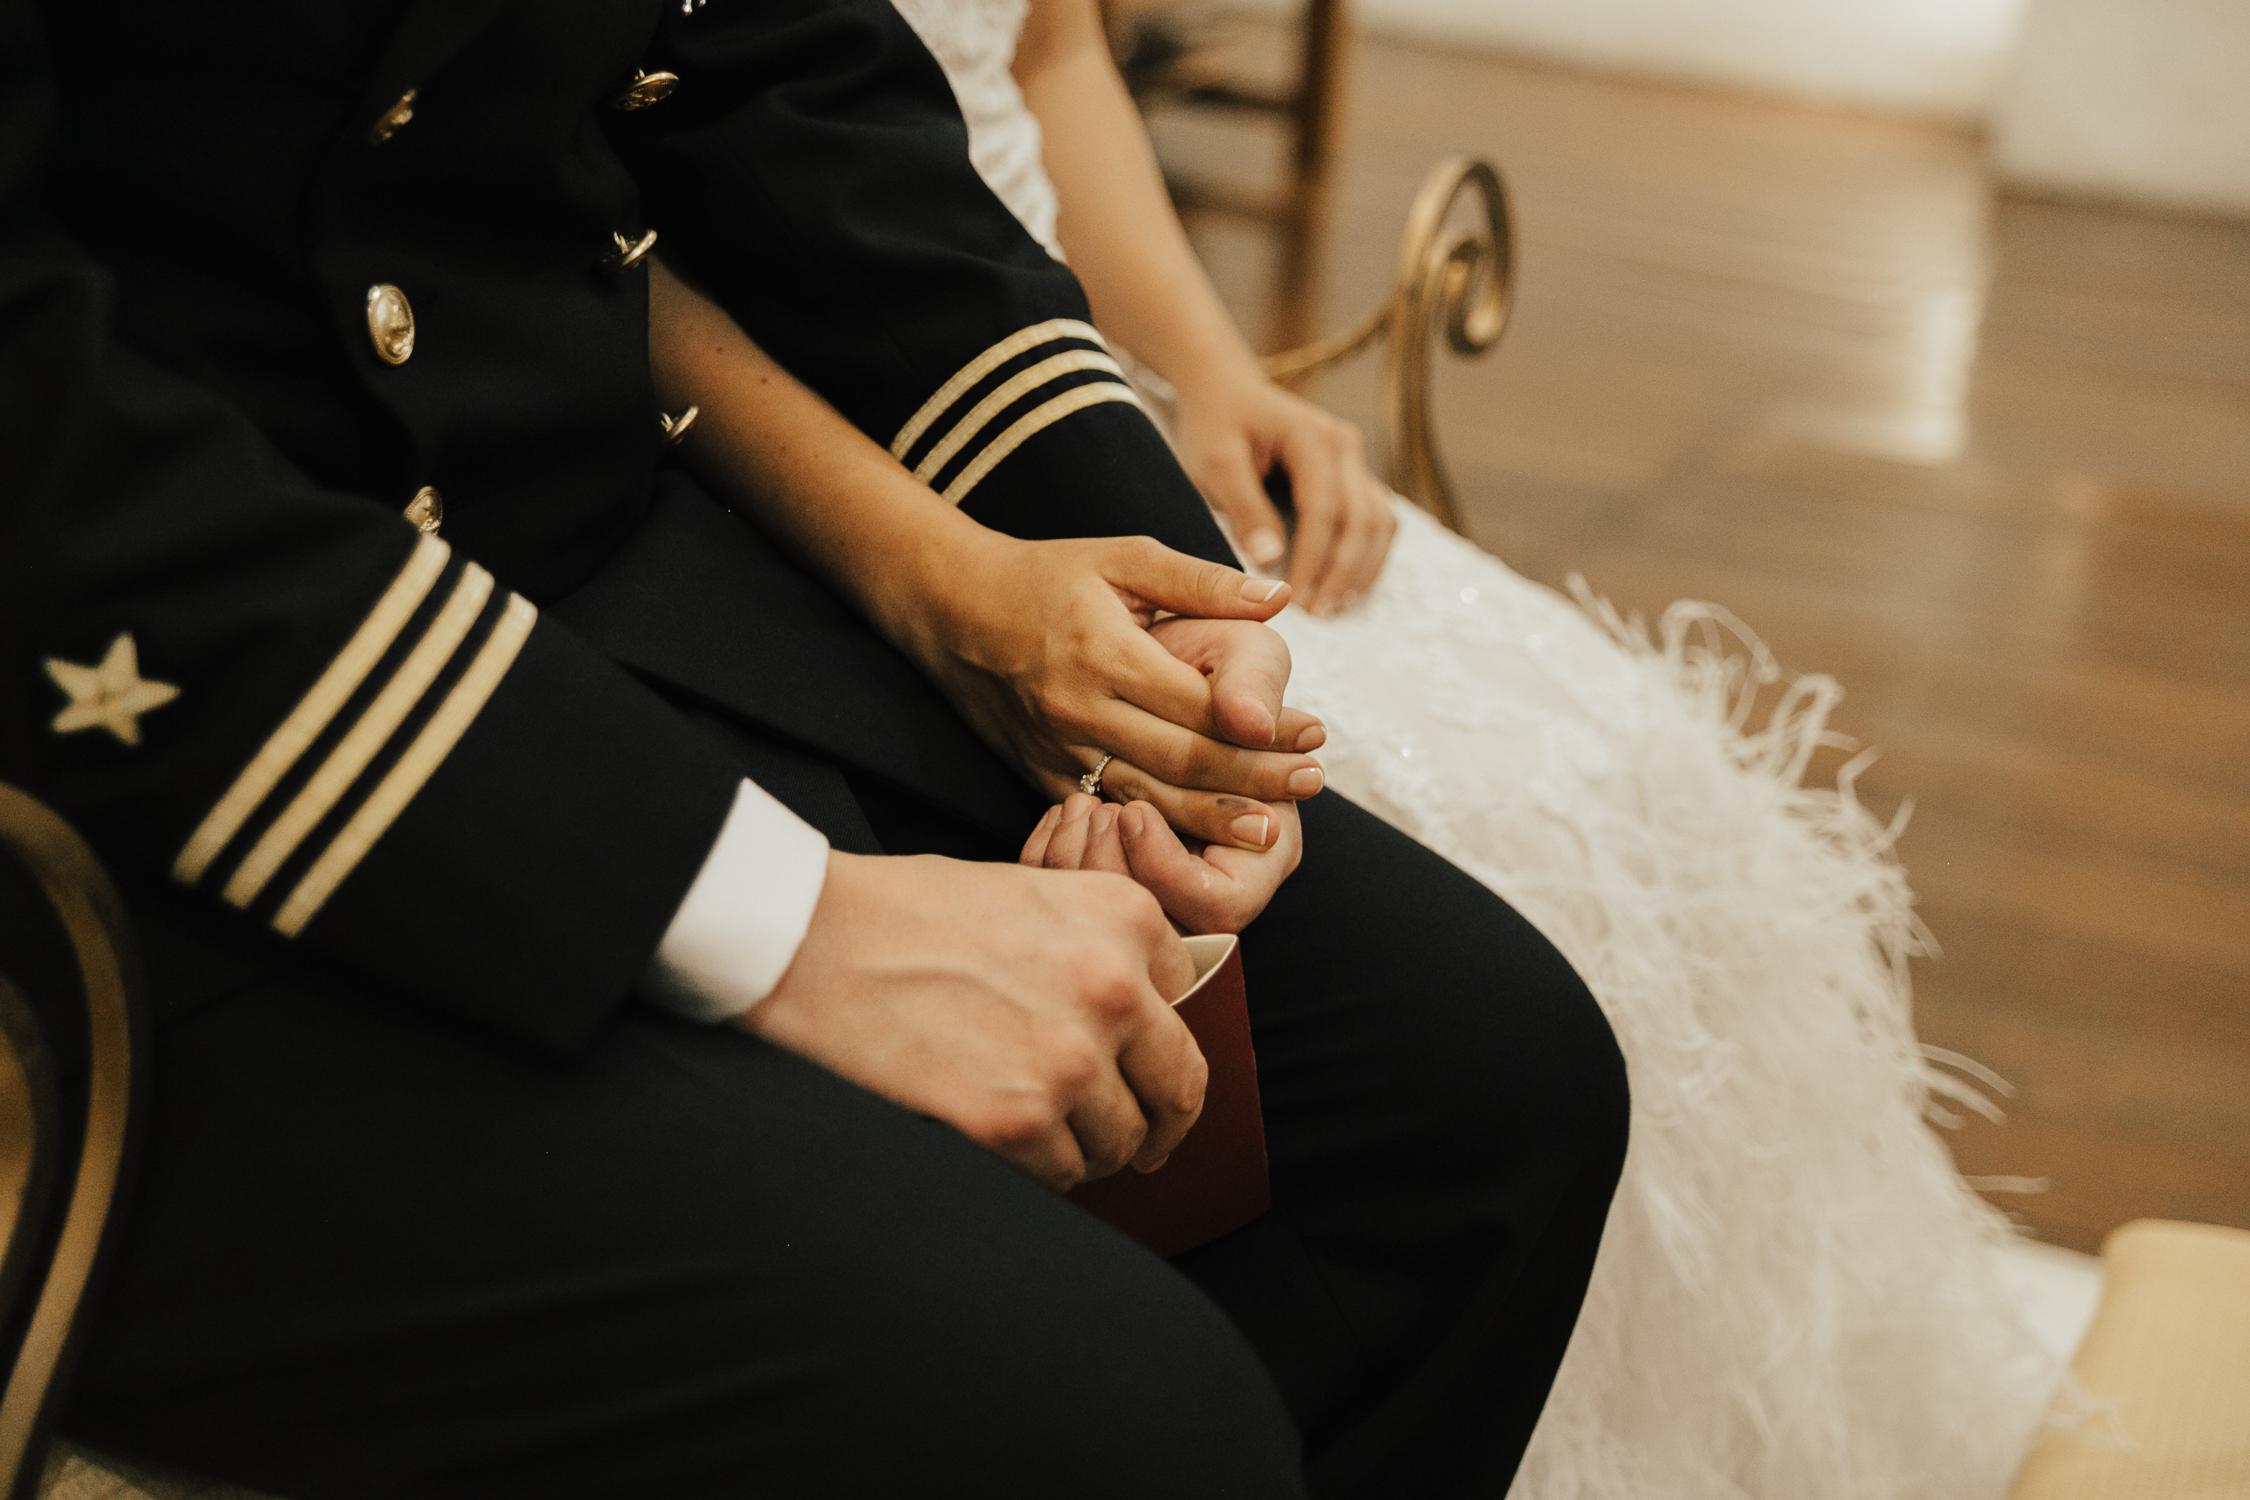 Michelle-Agurto-Fotografia-Bodas-Ecuador-Destination-Wedding-Photographer-Ecuador-Mercedes-Alvaro-68.JPG